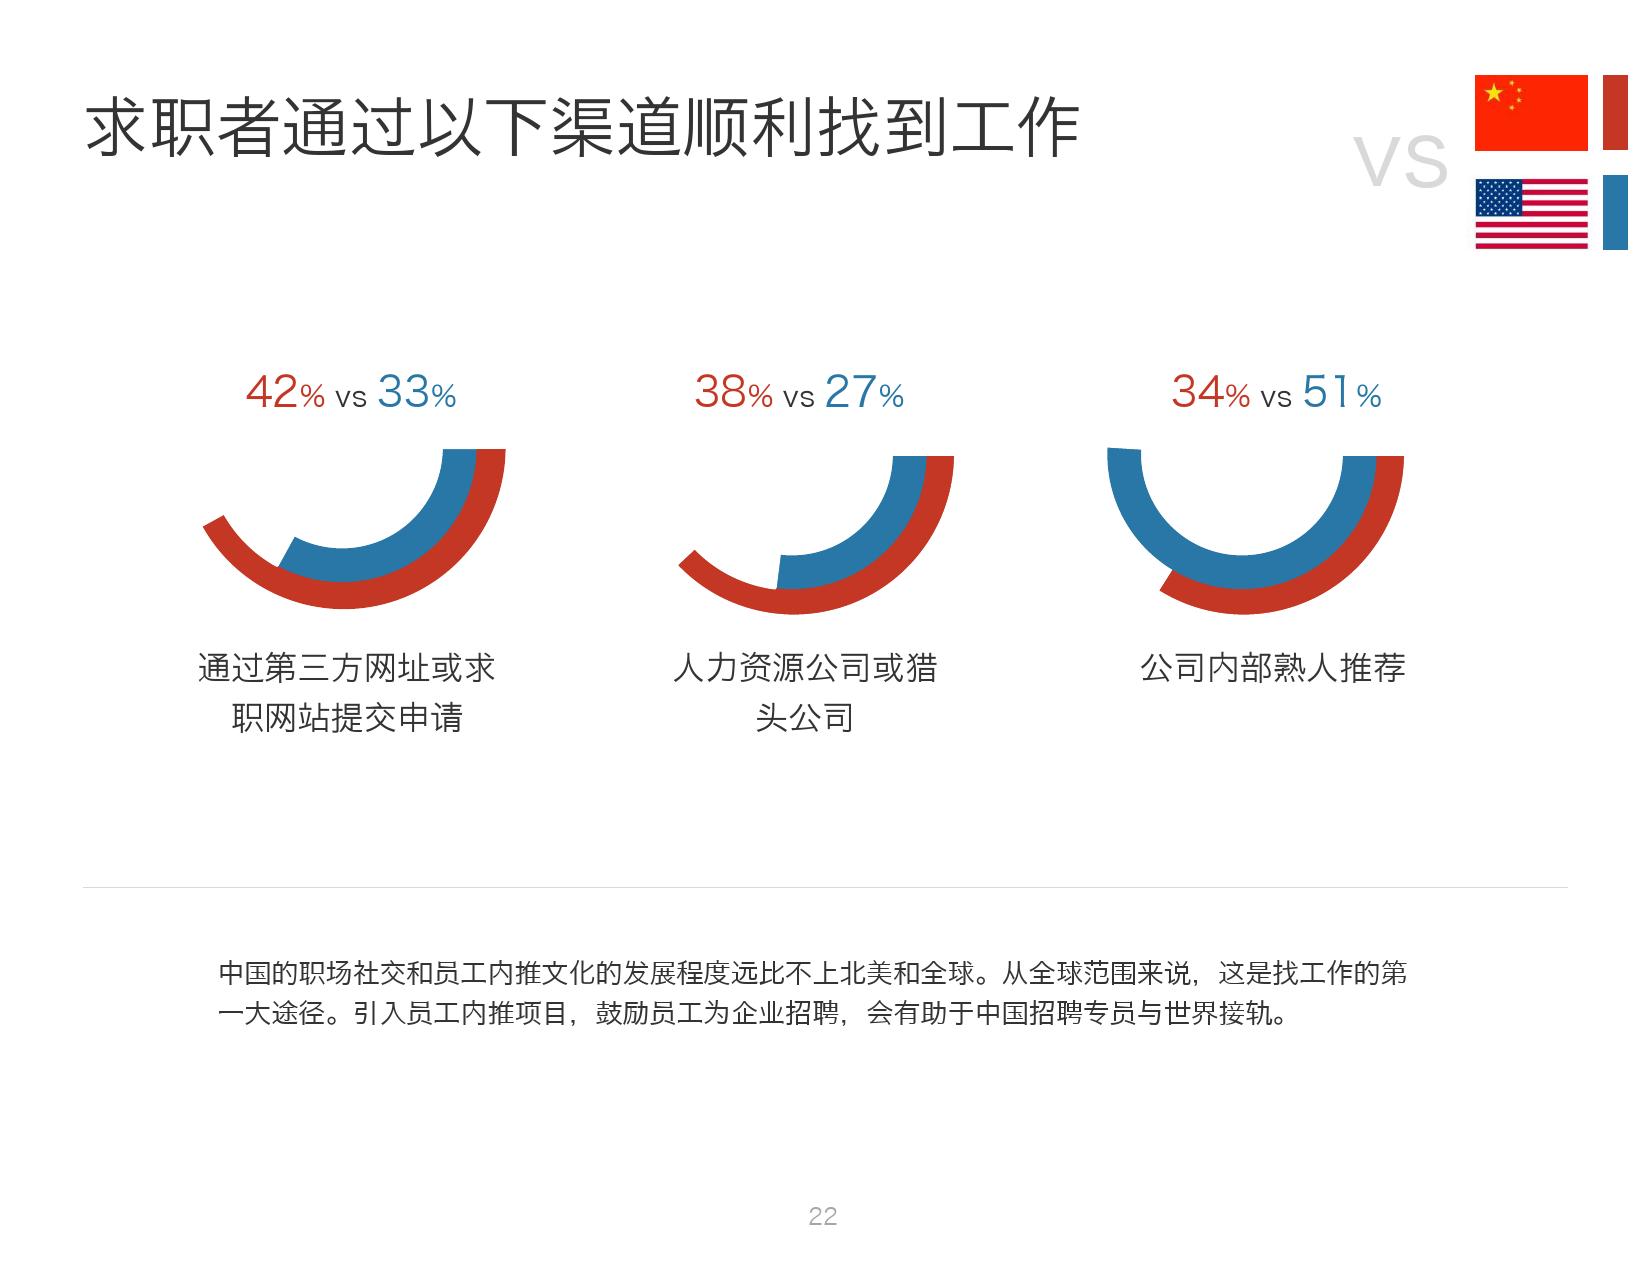 2016年中国人才趋势报告_000022